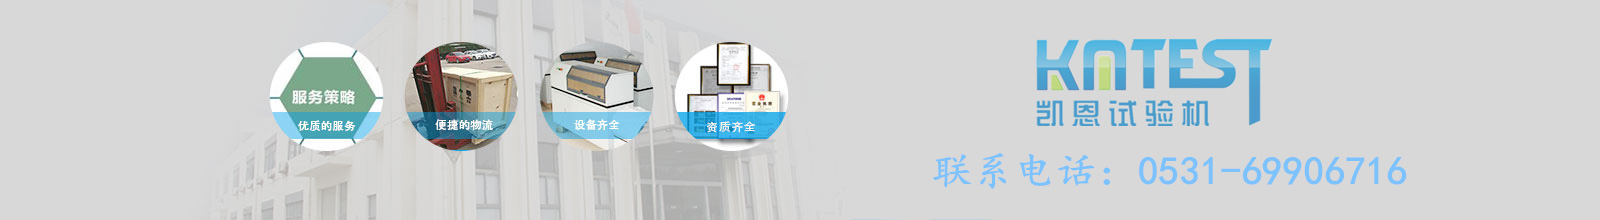 专业扭转aoa体育app下载咨询电话